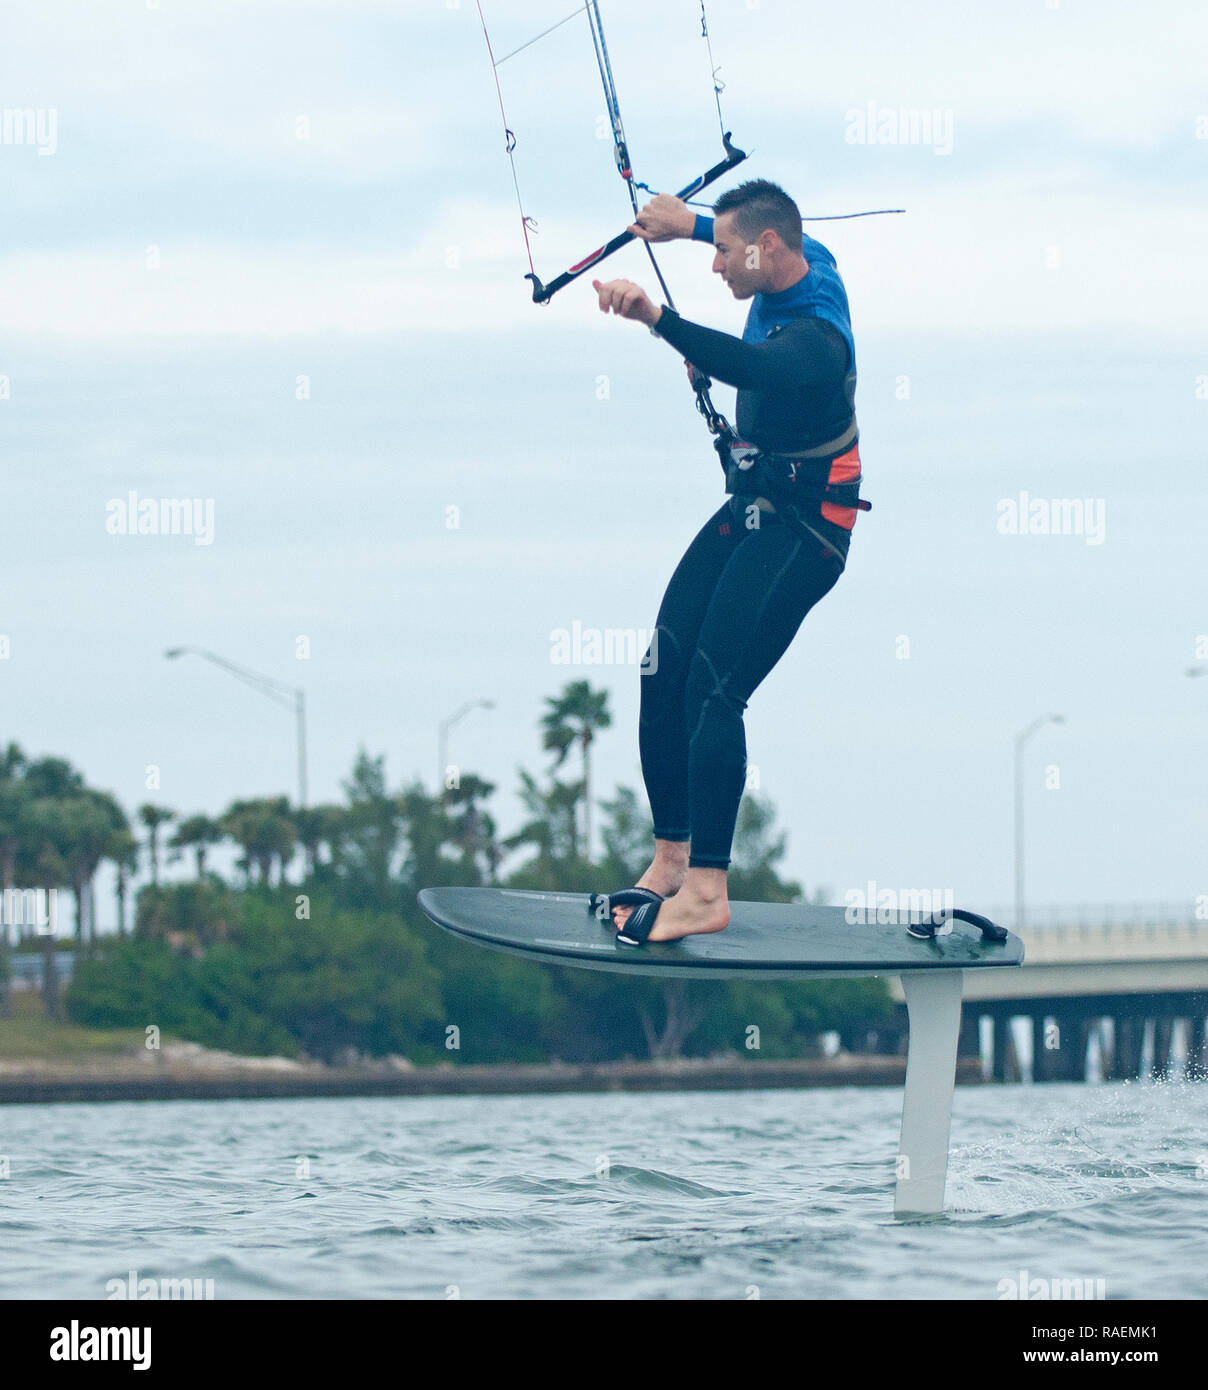 Macho de equitación kitesurfer hydrofoil y mostrando gran habilidad y atletismo Imagen De Stock